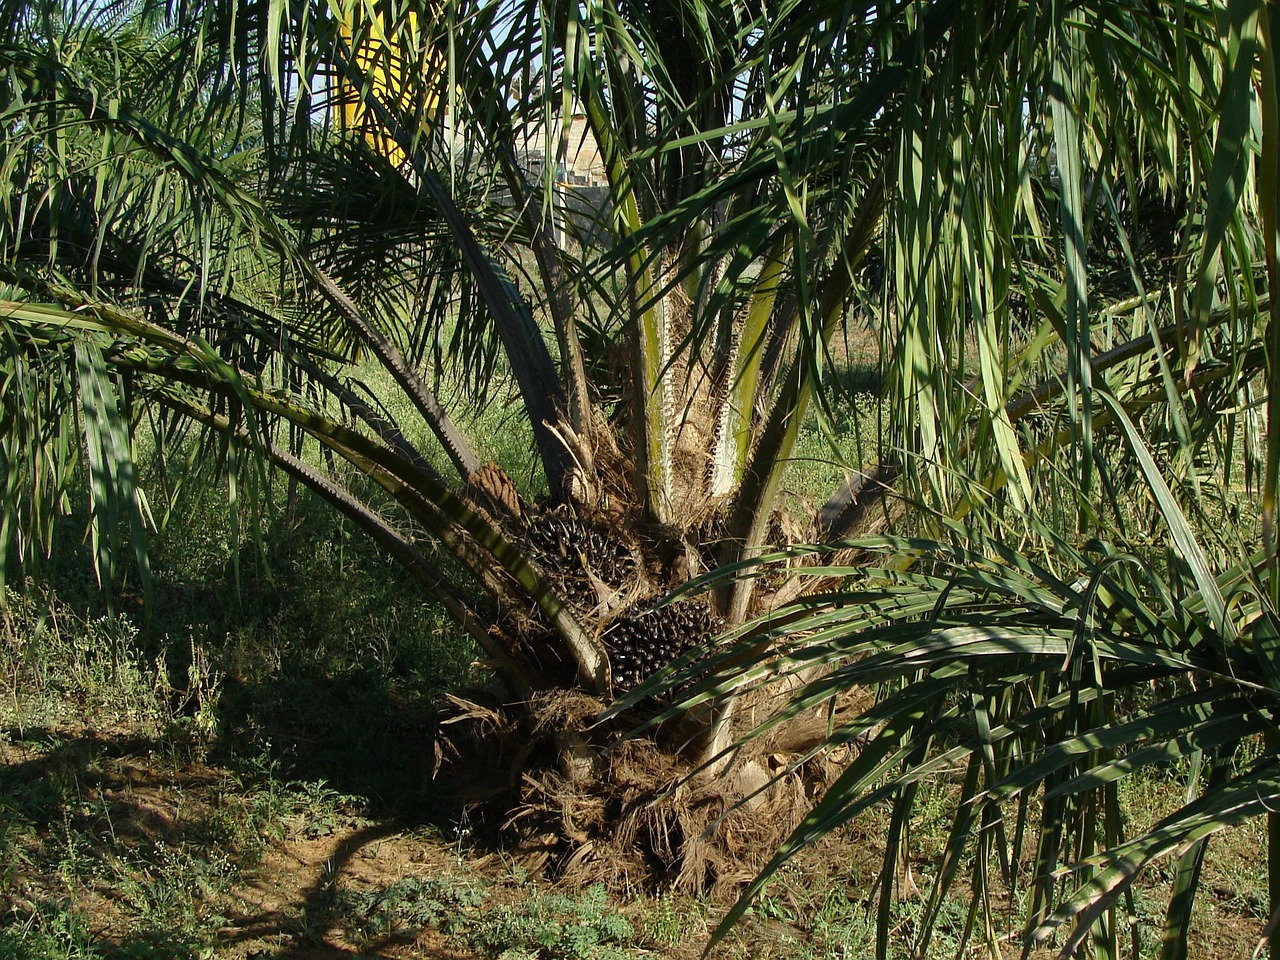 Palmöl wird aus dem Fruchtfleisch der Ölpalme gewonnen.